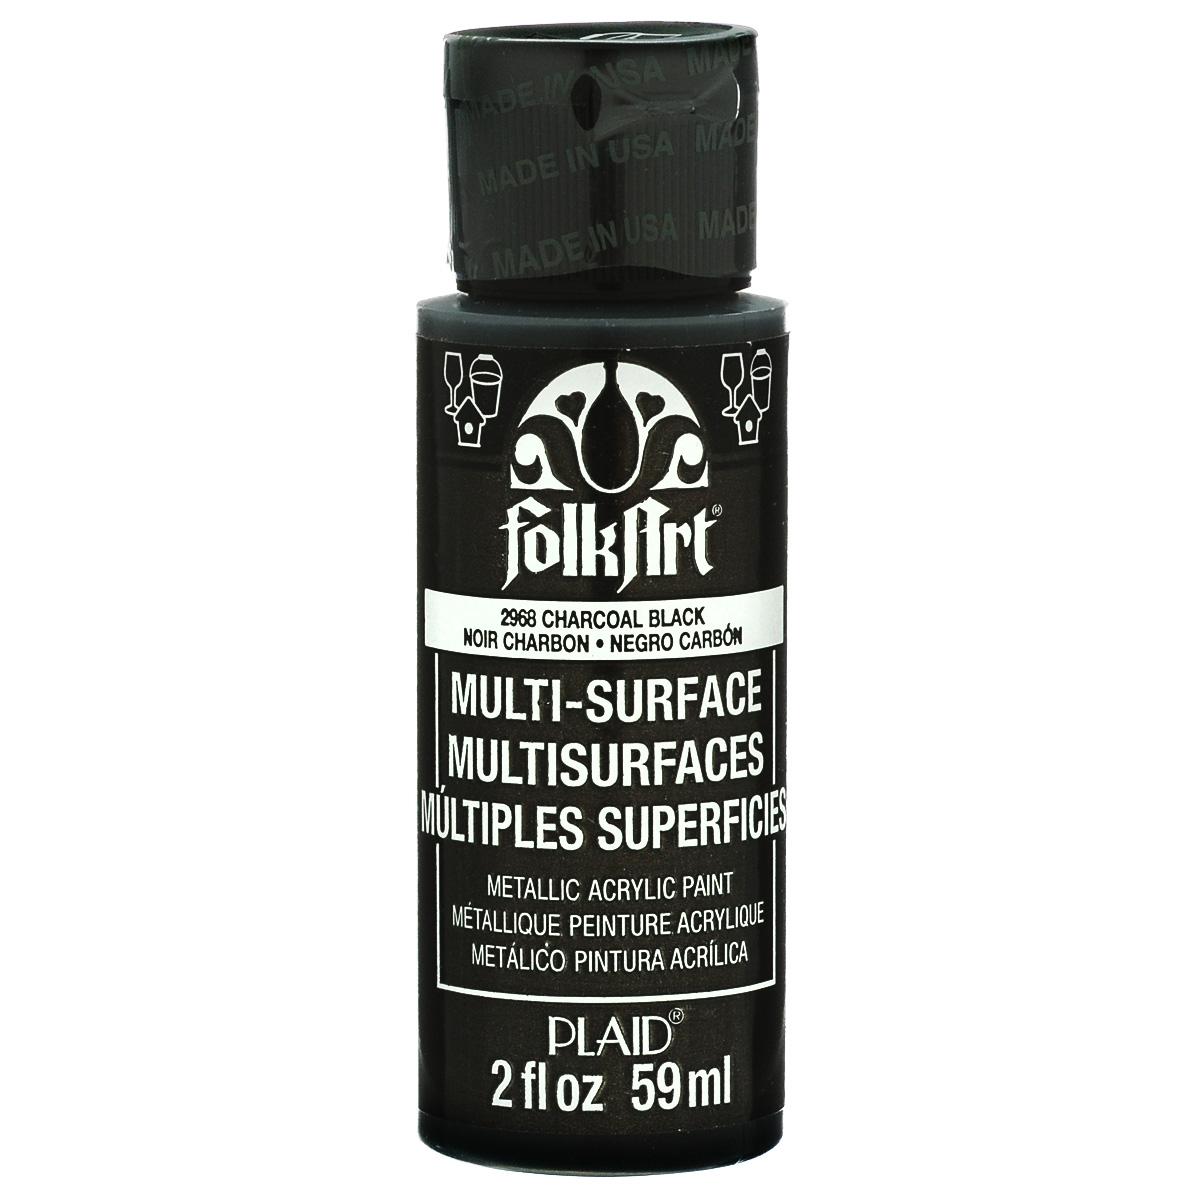 Краска акриловая FolkArt Multi-Surface Metallic, цвет: черный (2968), 59 млFS-00103Краска акриловая FolkArt Multi-Surface Metallic - это прочная погодоустойчивая сатиновая краска с металлическим отливом. Не токсична, на водной основе. Предназначена для различных видов поверхностей: стекло, керамика, дерево, металл, пластик, ткань, холст, бумага, глина. Идеально подходит как для использования в помещении, так и для наружного применения. Изделия, покрытые такой краской, можно мыть в посудомоечной машине в верхнем отсеке. Перед применением краску необходимо хорошо встряхнуть. Краски разных цветов можно смешивать между собой. Перед повторным нанесением краски дать высохнуть в течении 1 часа. До высыхания может быть смыта водой с мылом.